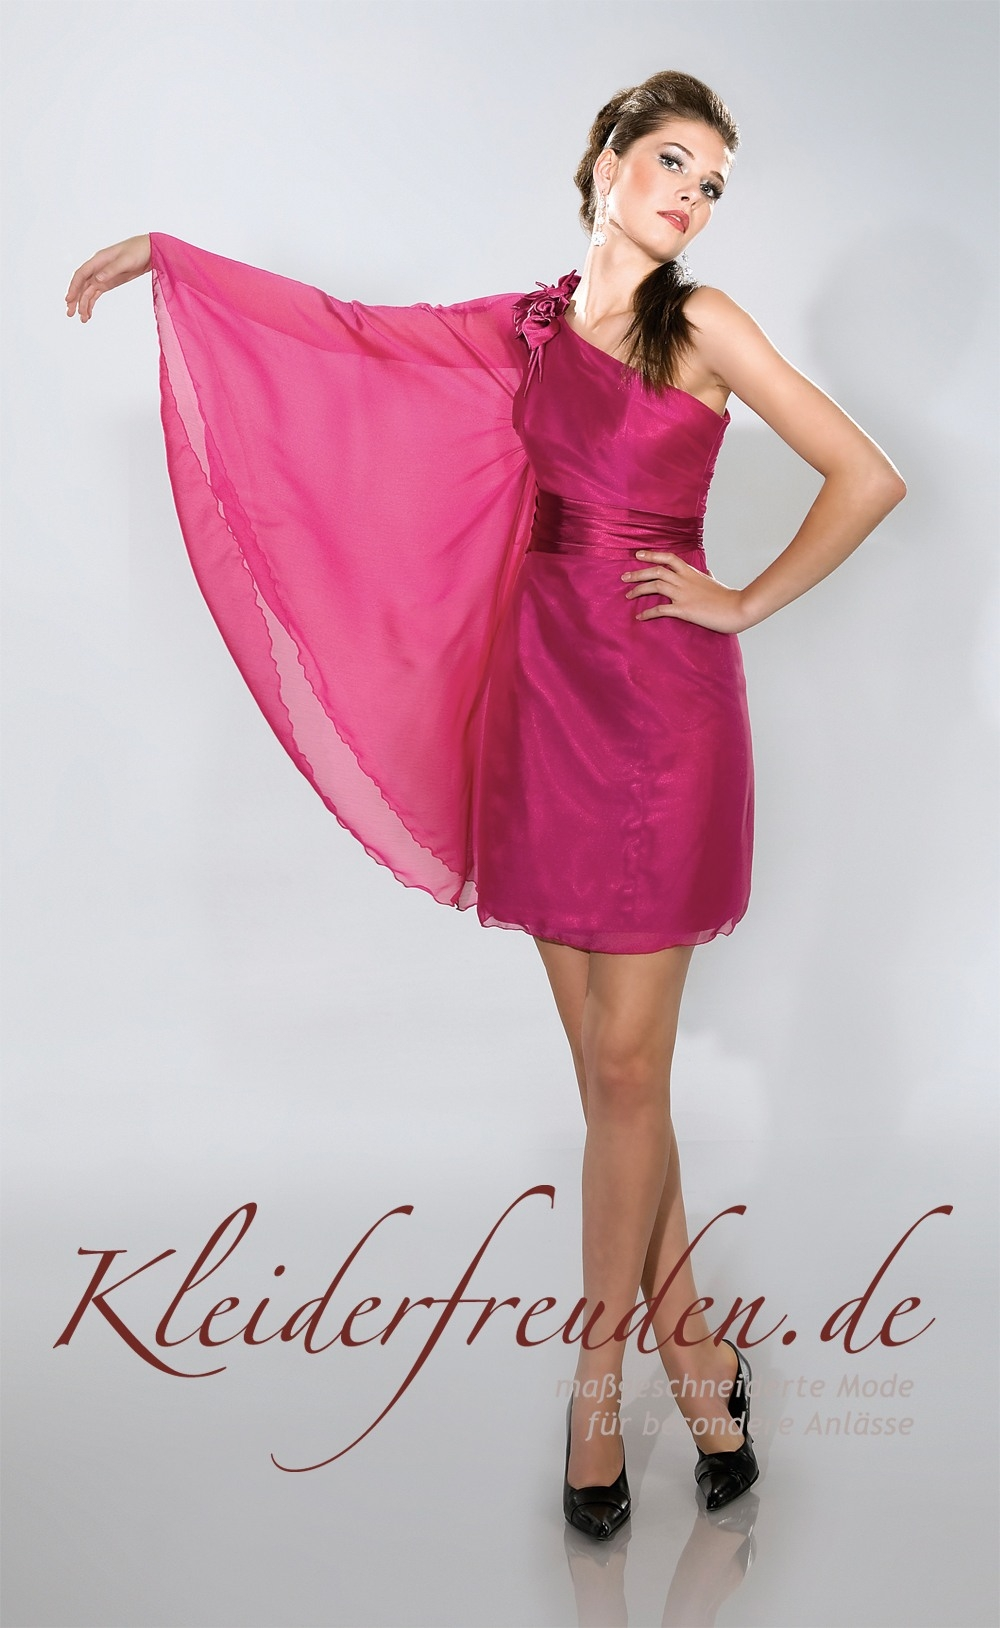 17 Luxus Kurze Abendkleider Für Hochzeit Vertrieb Ausgezeichnet Kurze Abendkleider Für Hochzeit Bester Preis